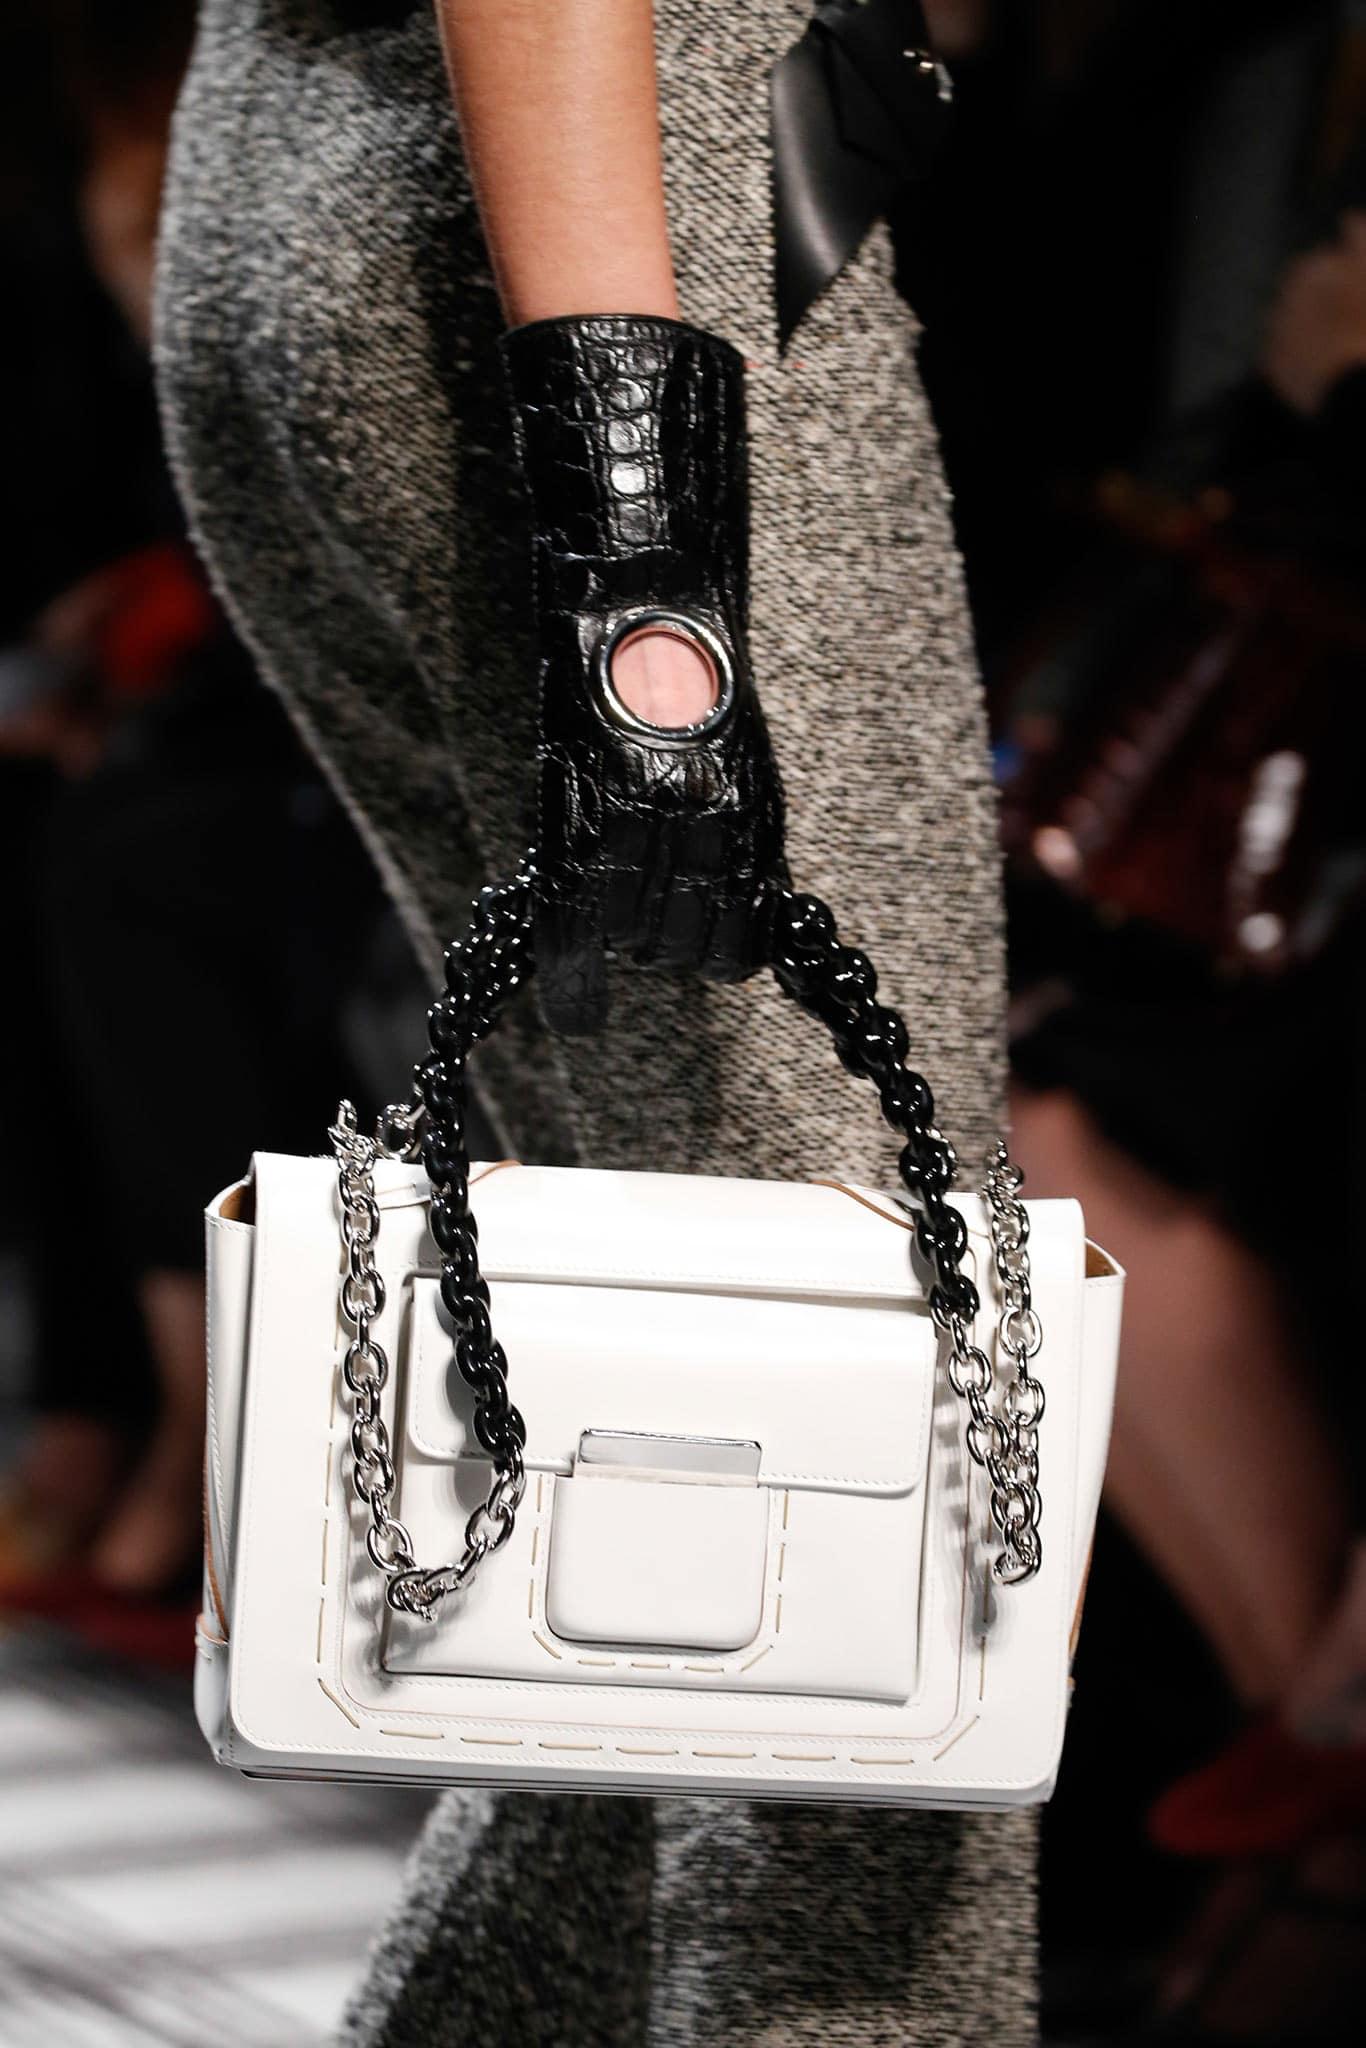 Balenciaga Fall Winter 2015 Runway Bag Collection